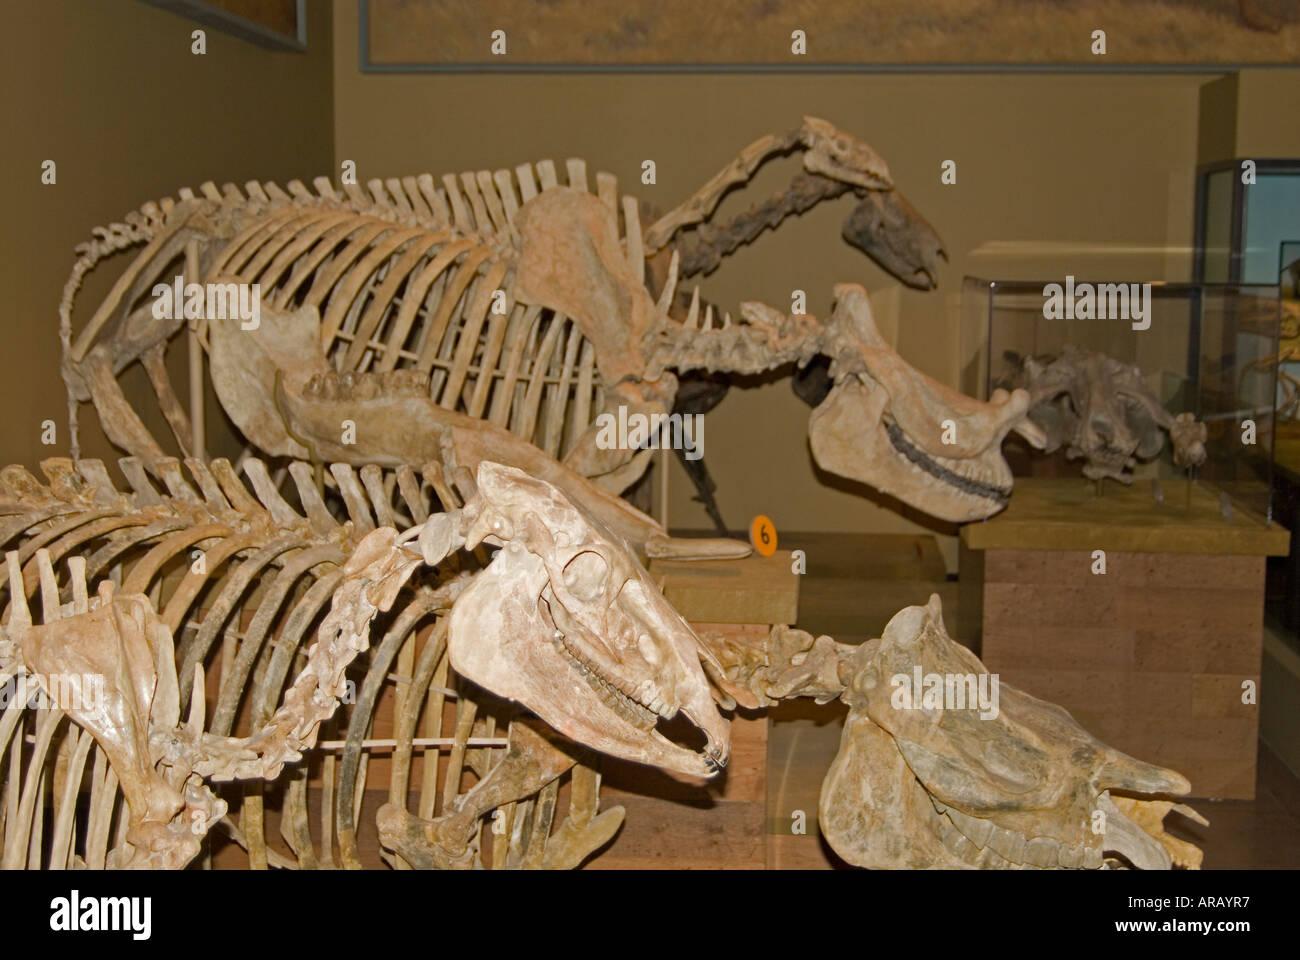 Museum Dinosaur Skeleton - Stock Image